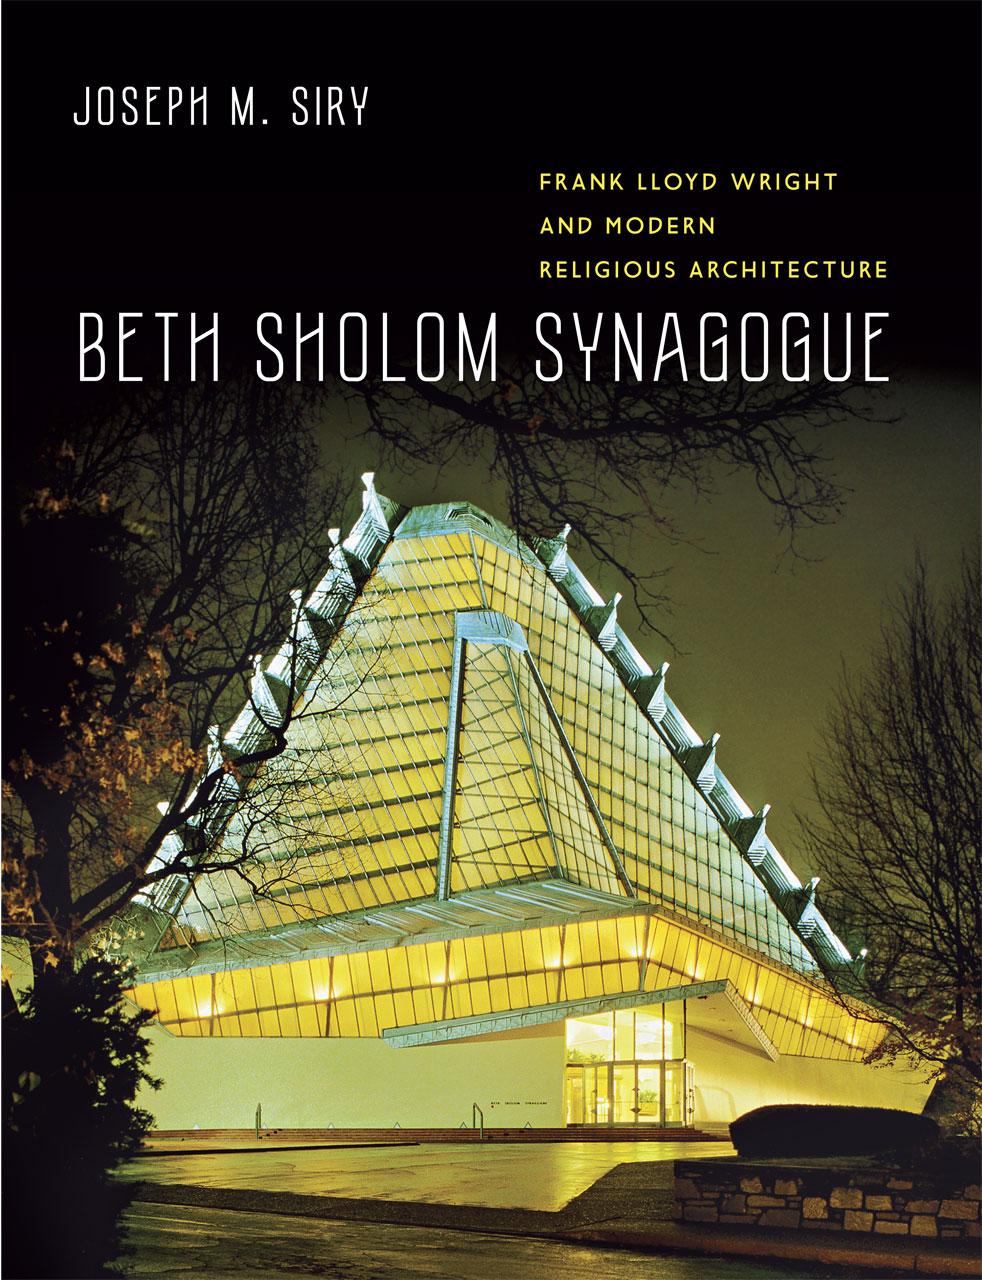 Modern Architecture Frank Lloyd Wright beth sholom synagogue: frank lloyd wright and modern religious